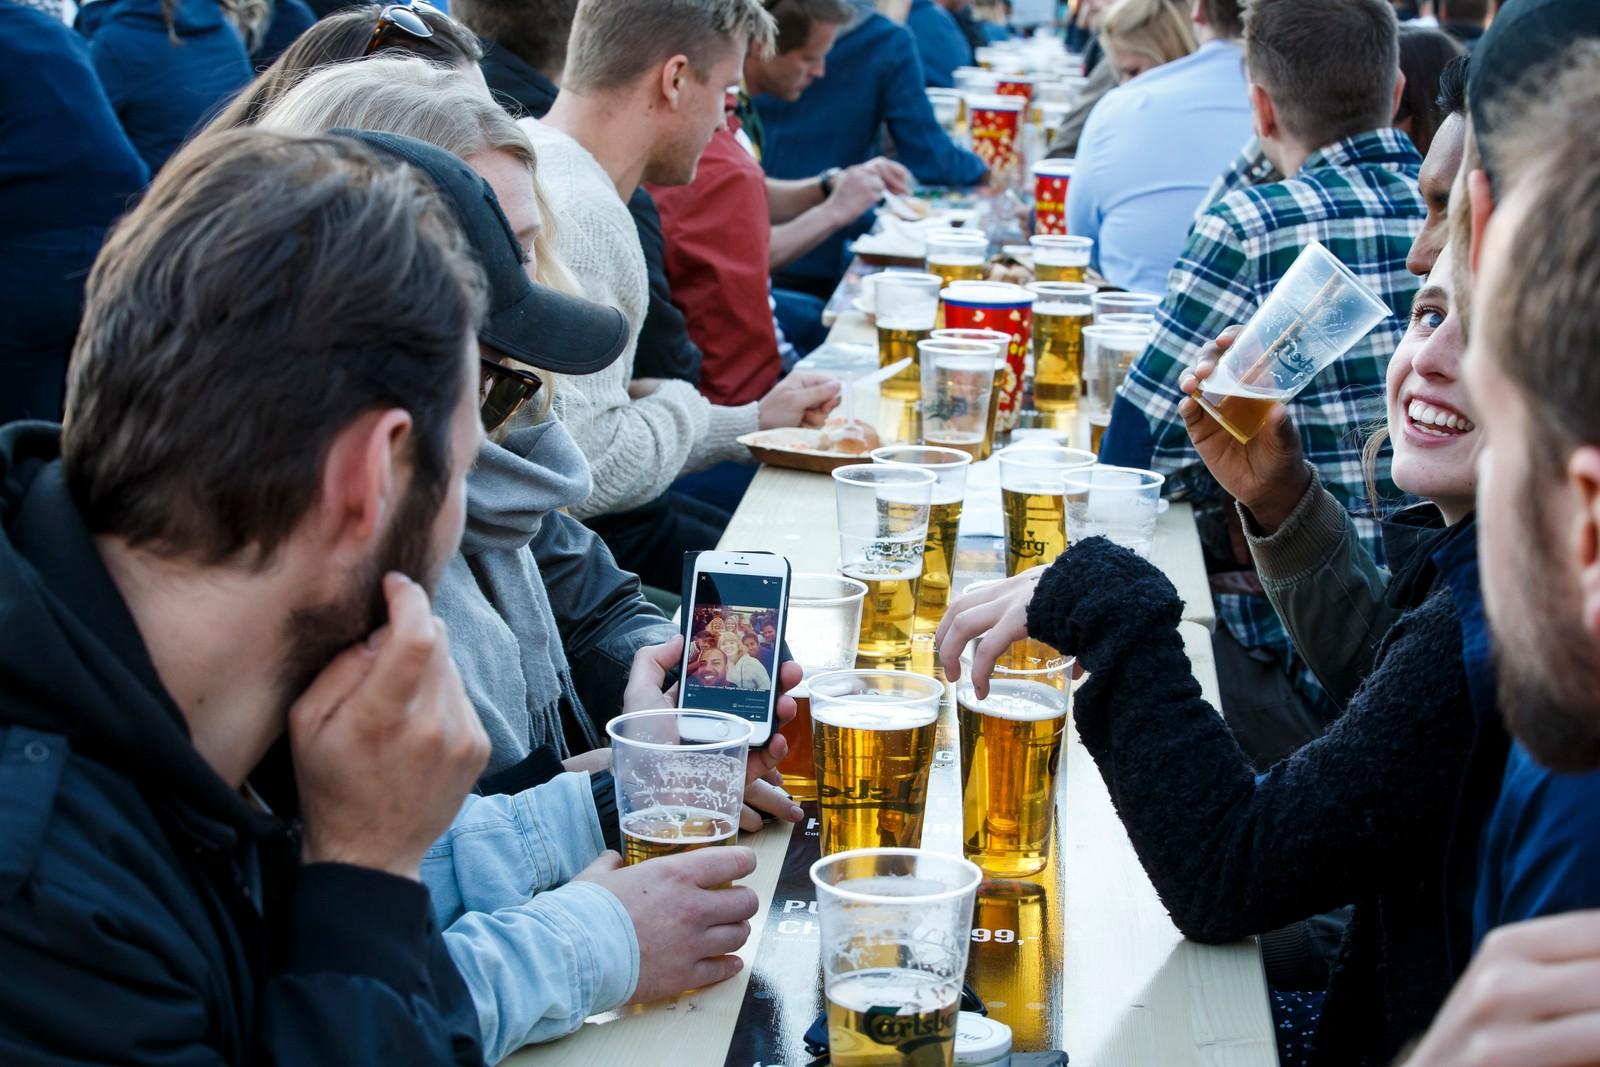 OSLO 20160610. Tusener har samlet seg på foran storskjermen på Kontraskjæret i finværet for å drikke øl og se åpningskampen i fotball EM mellom Frankrike og Romania. Foto: Heiko Junge / NTB scanpix Tusener har samlet seg på foran storskjermen på Kontraskjæret i finværet for å drikke øl og se åpningskampen i fotball EM mellom Frankrike og Romania.